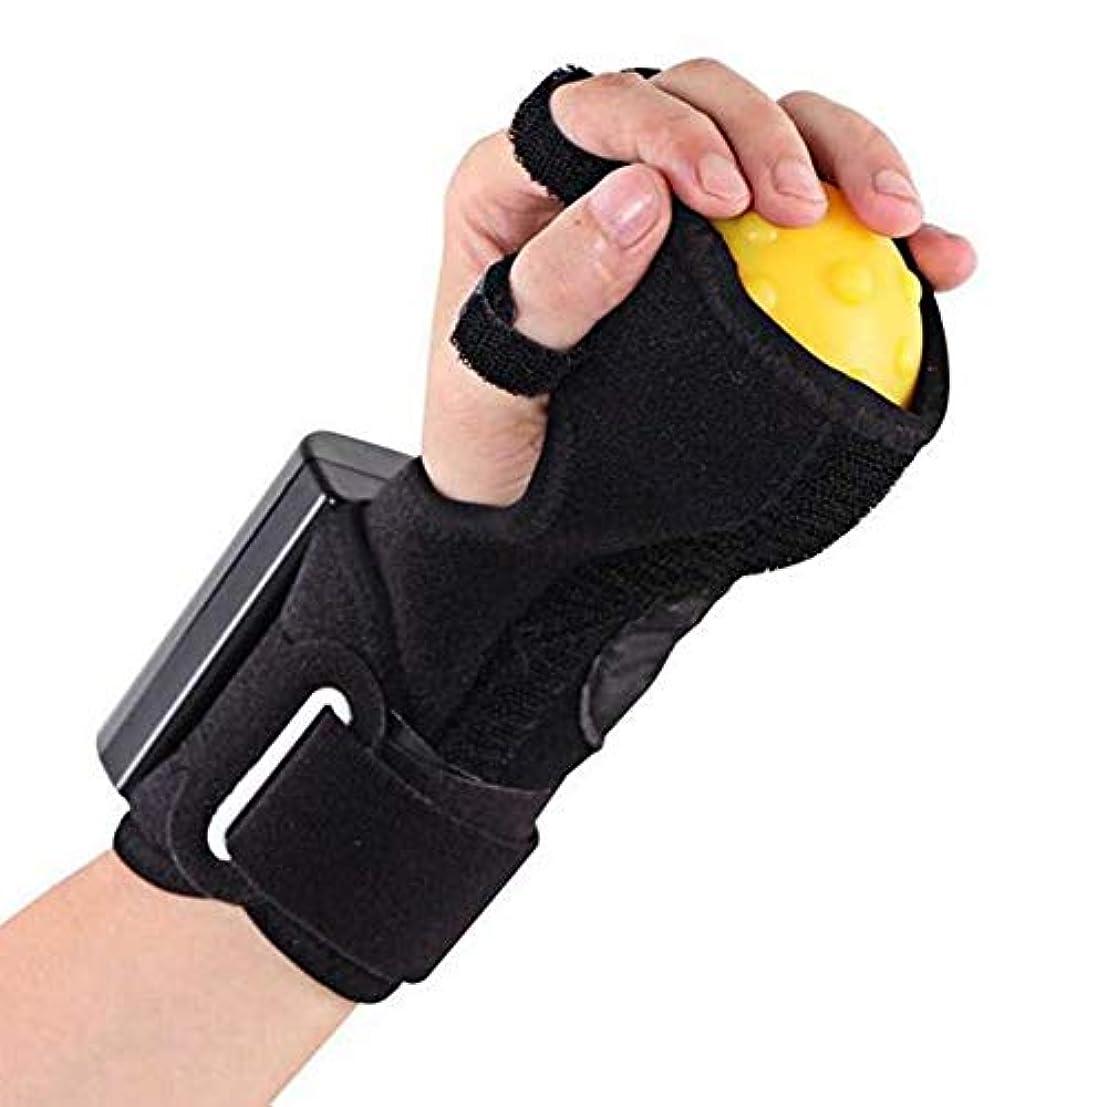 フィドル樹皮指令電動ハンドマッサージボールホットコンプレッサーと抗痙攣ボール有料指圧装置スプリント片麻痺の指回復マッサージ療法